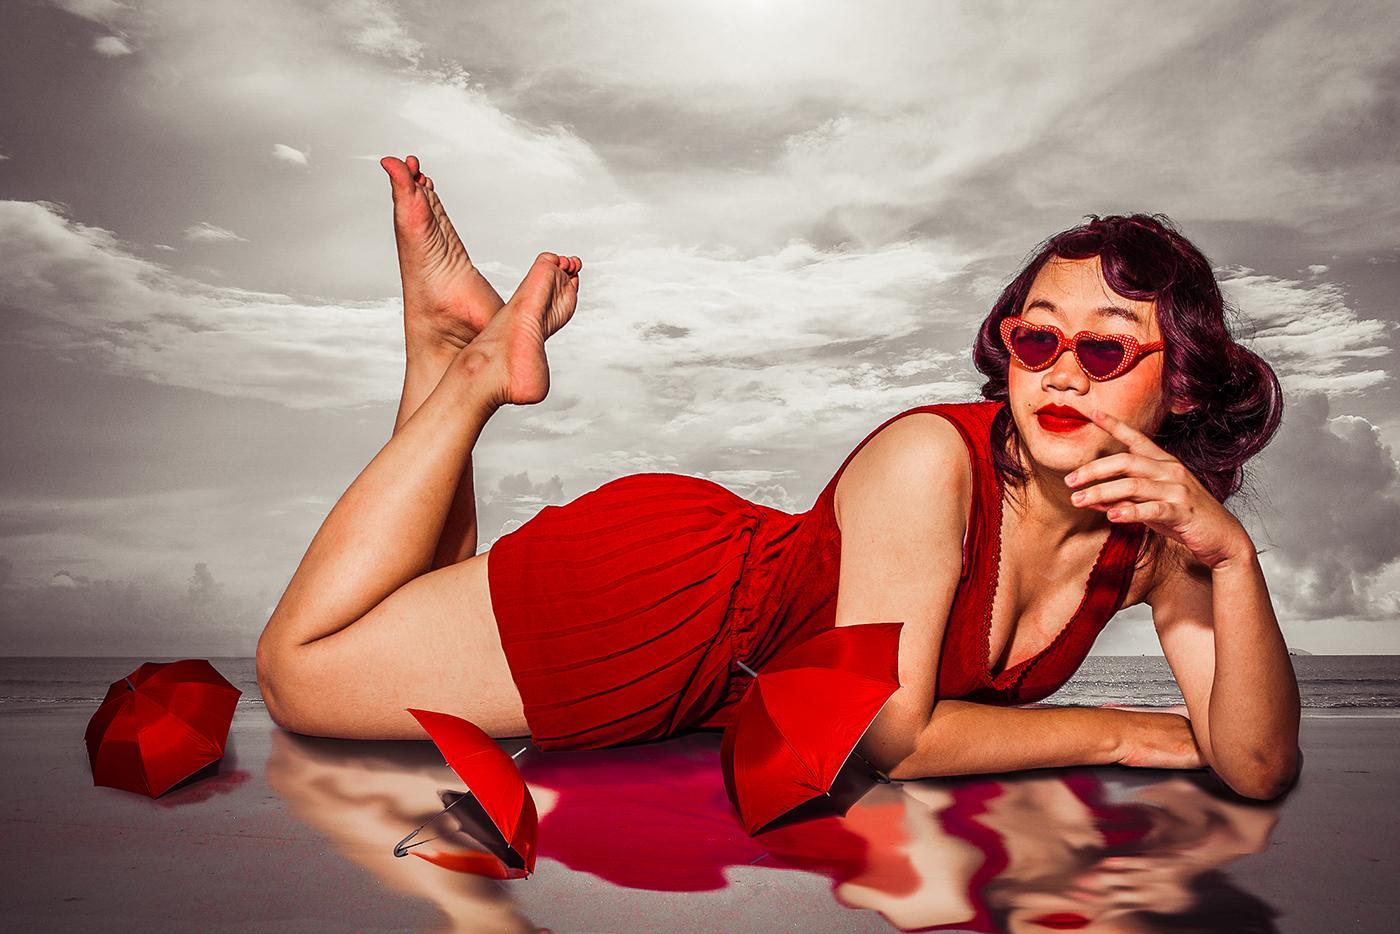 Red umbrella / Chopailin Phraibueng